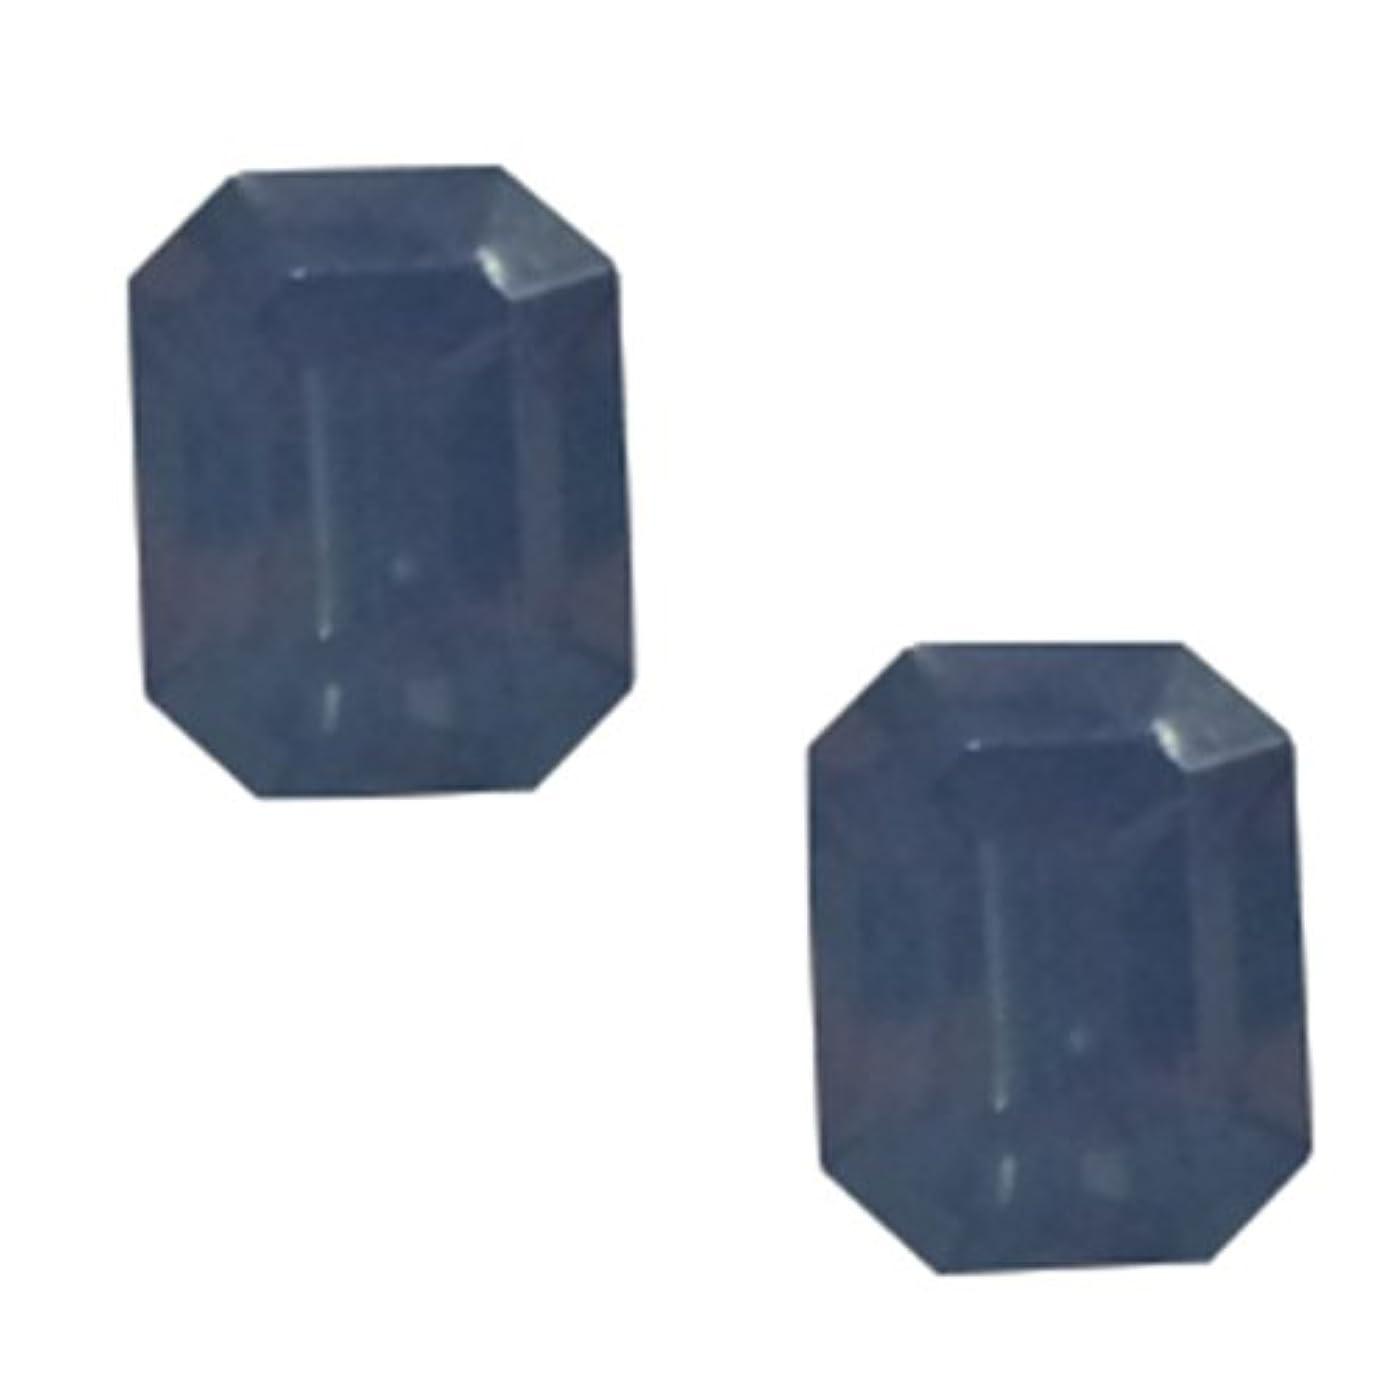 重要性不純出版POSH ART ネイルパーツ長方形型 4*6mm 10P ブルーオパール